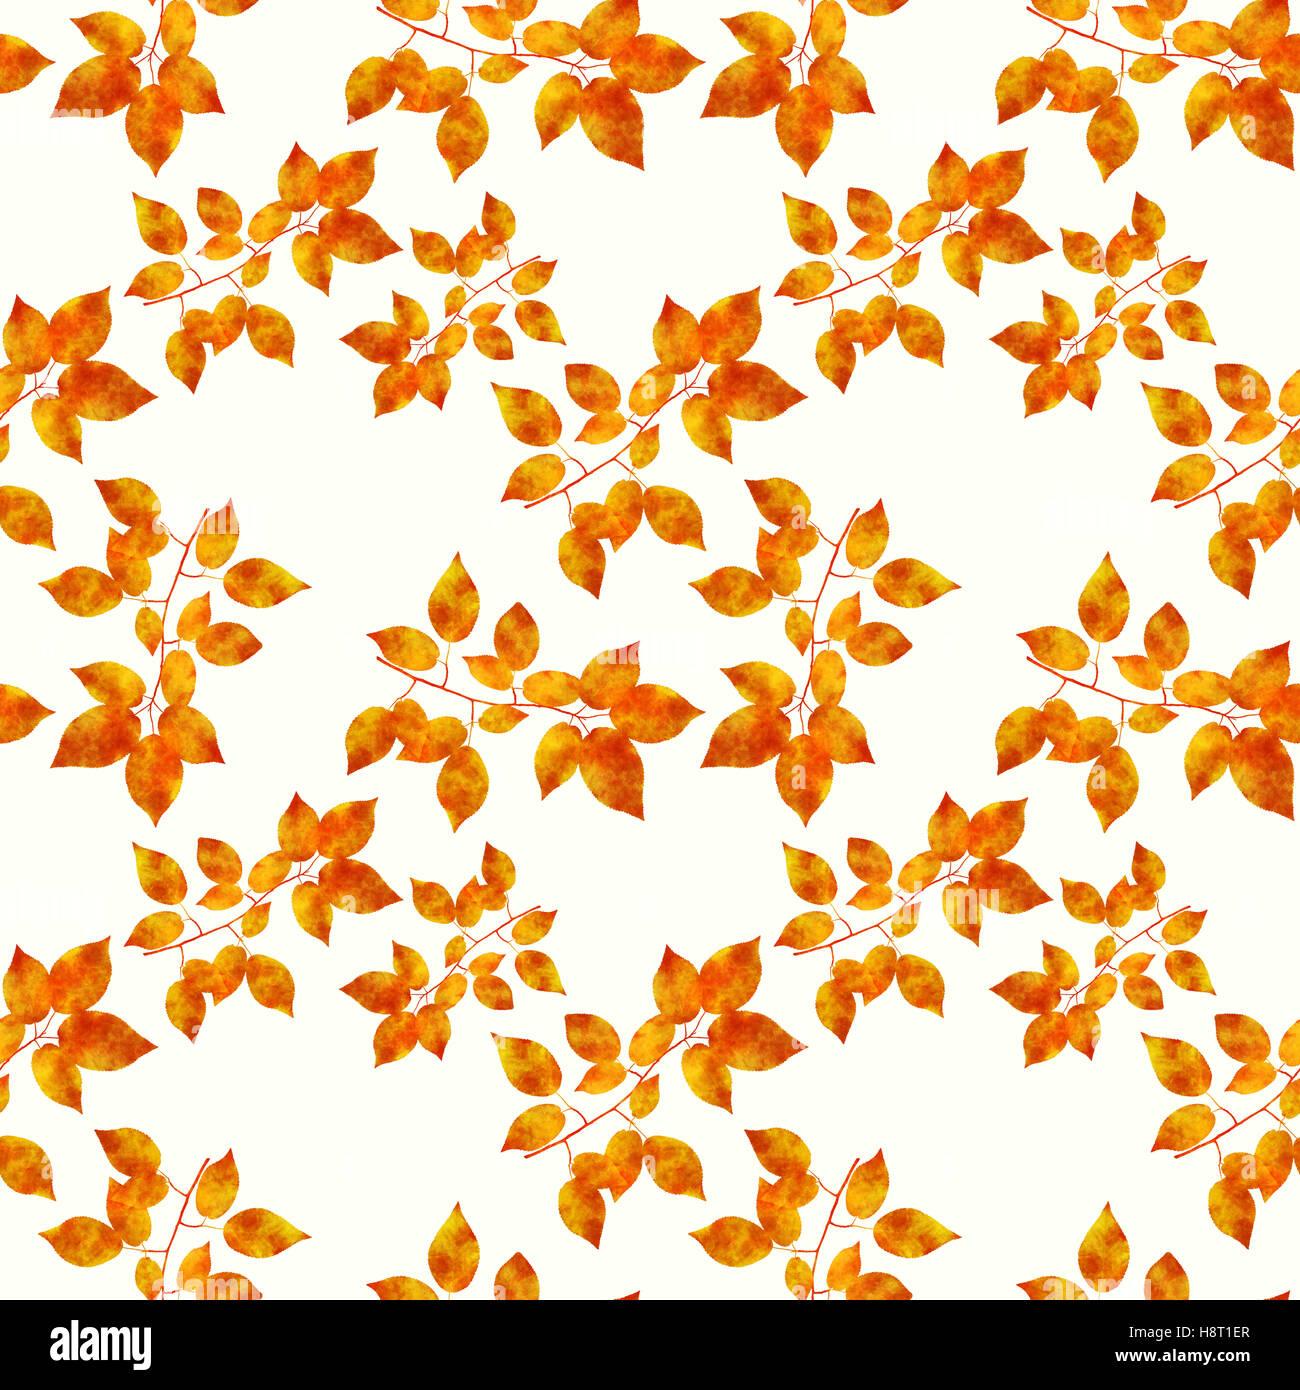 Foglie di colore arancione modello senza giunture Immagini Stock